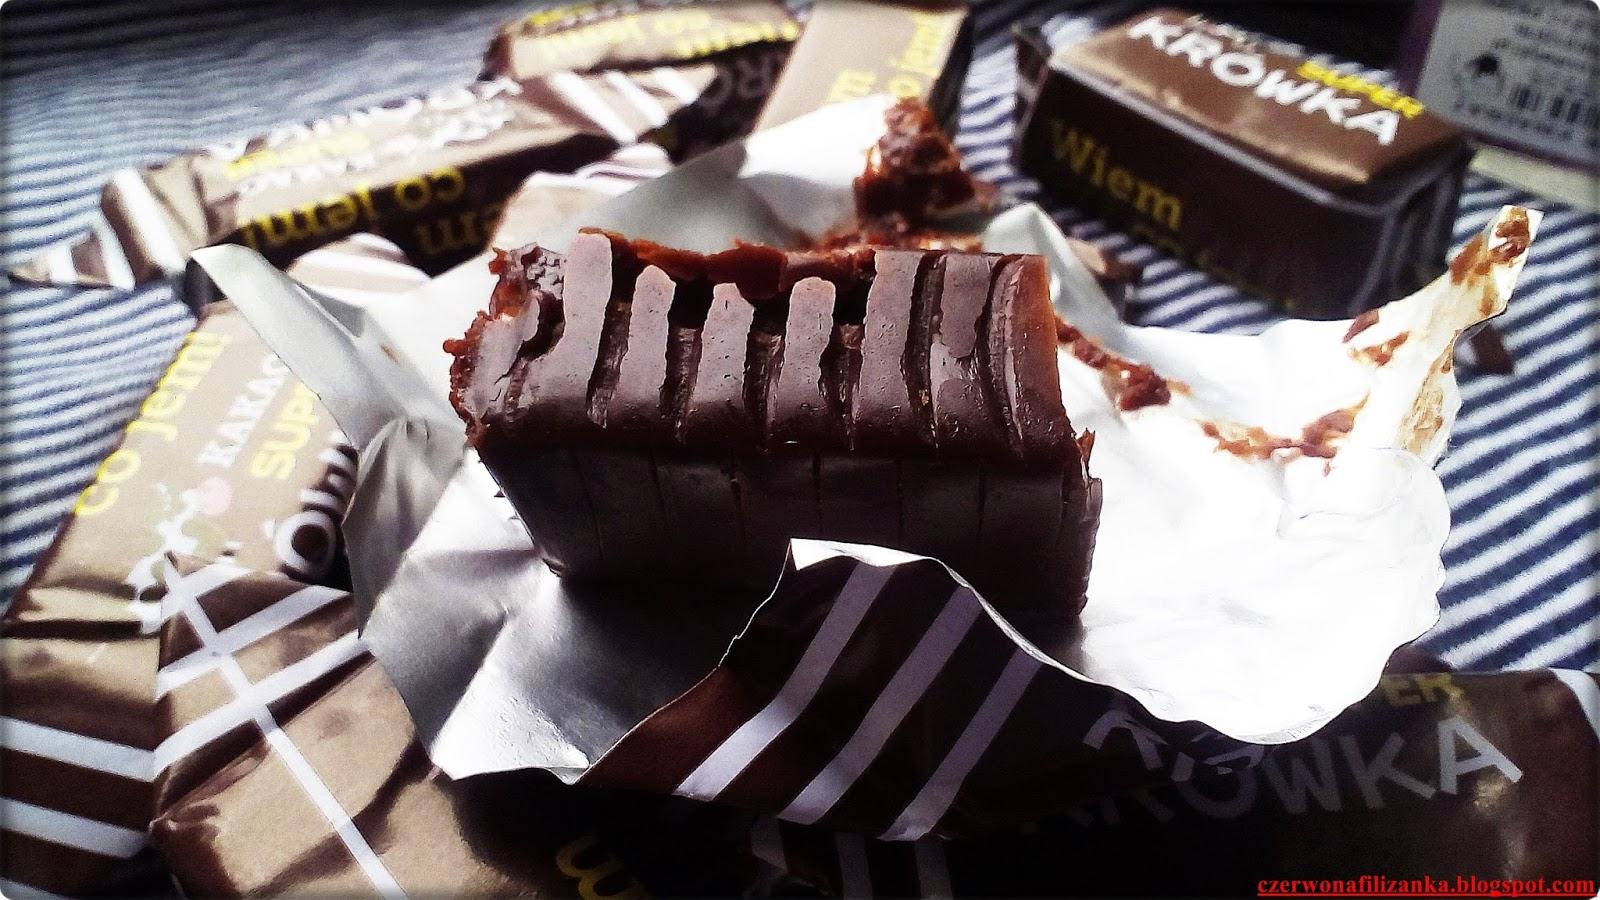 Wiem co jem! Super Krówki! Smak kakao | Lifestyle | zBLOGowani